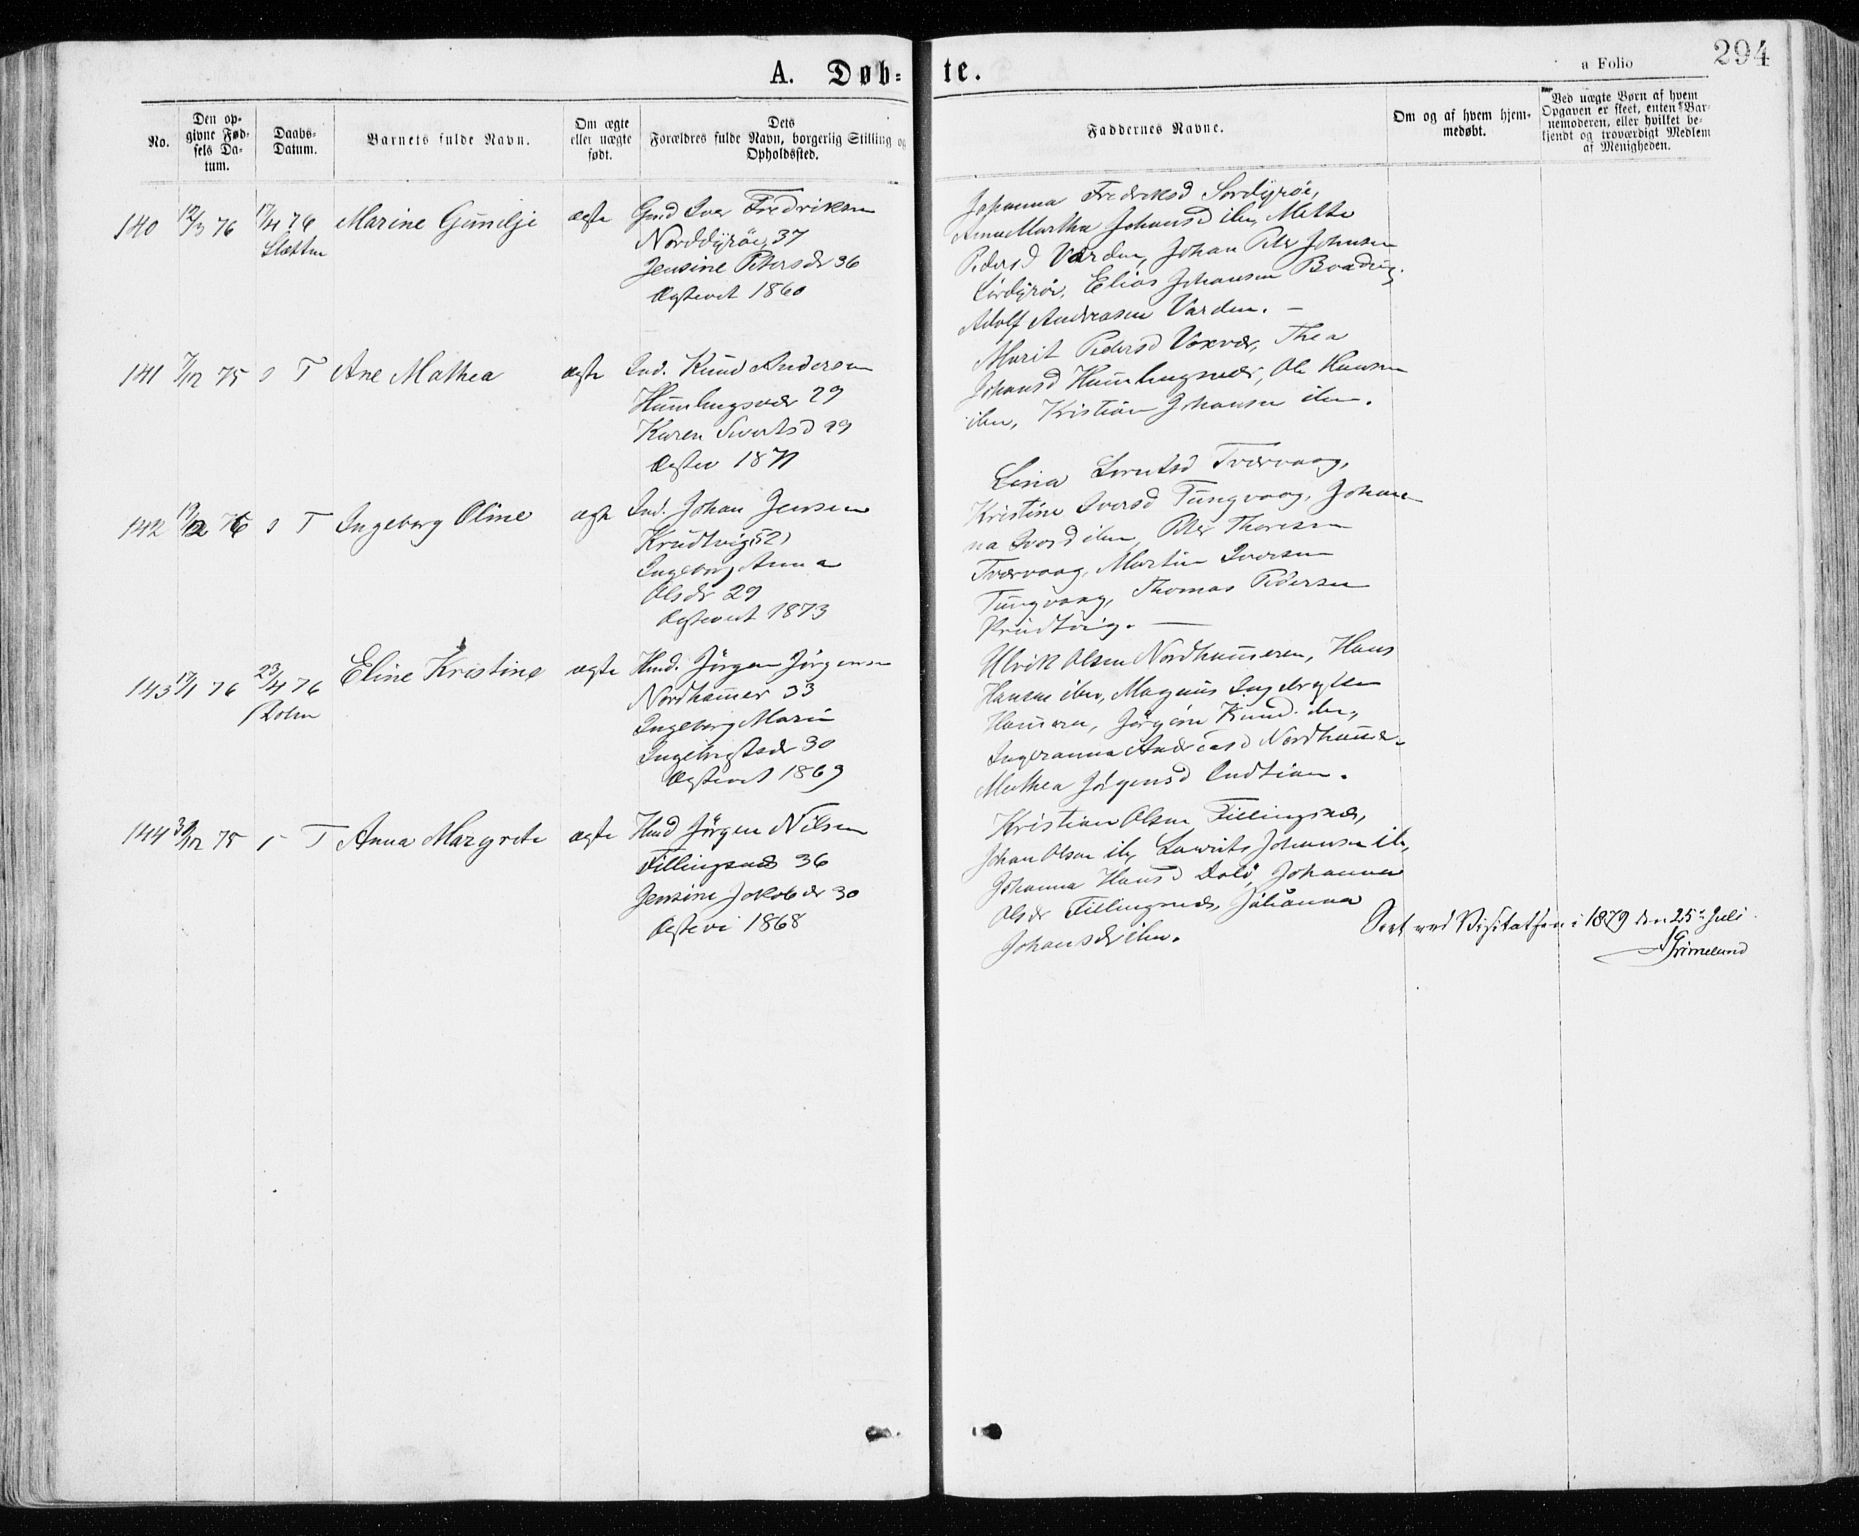 SAT, Ministerialprotokoller, klokkerbøker og fødselsregistre - Sør-Trøndelag, 640/L0576: Ministerialbok nr. 640A01, 1846-1876, s. 294